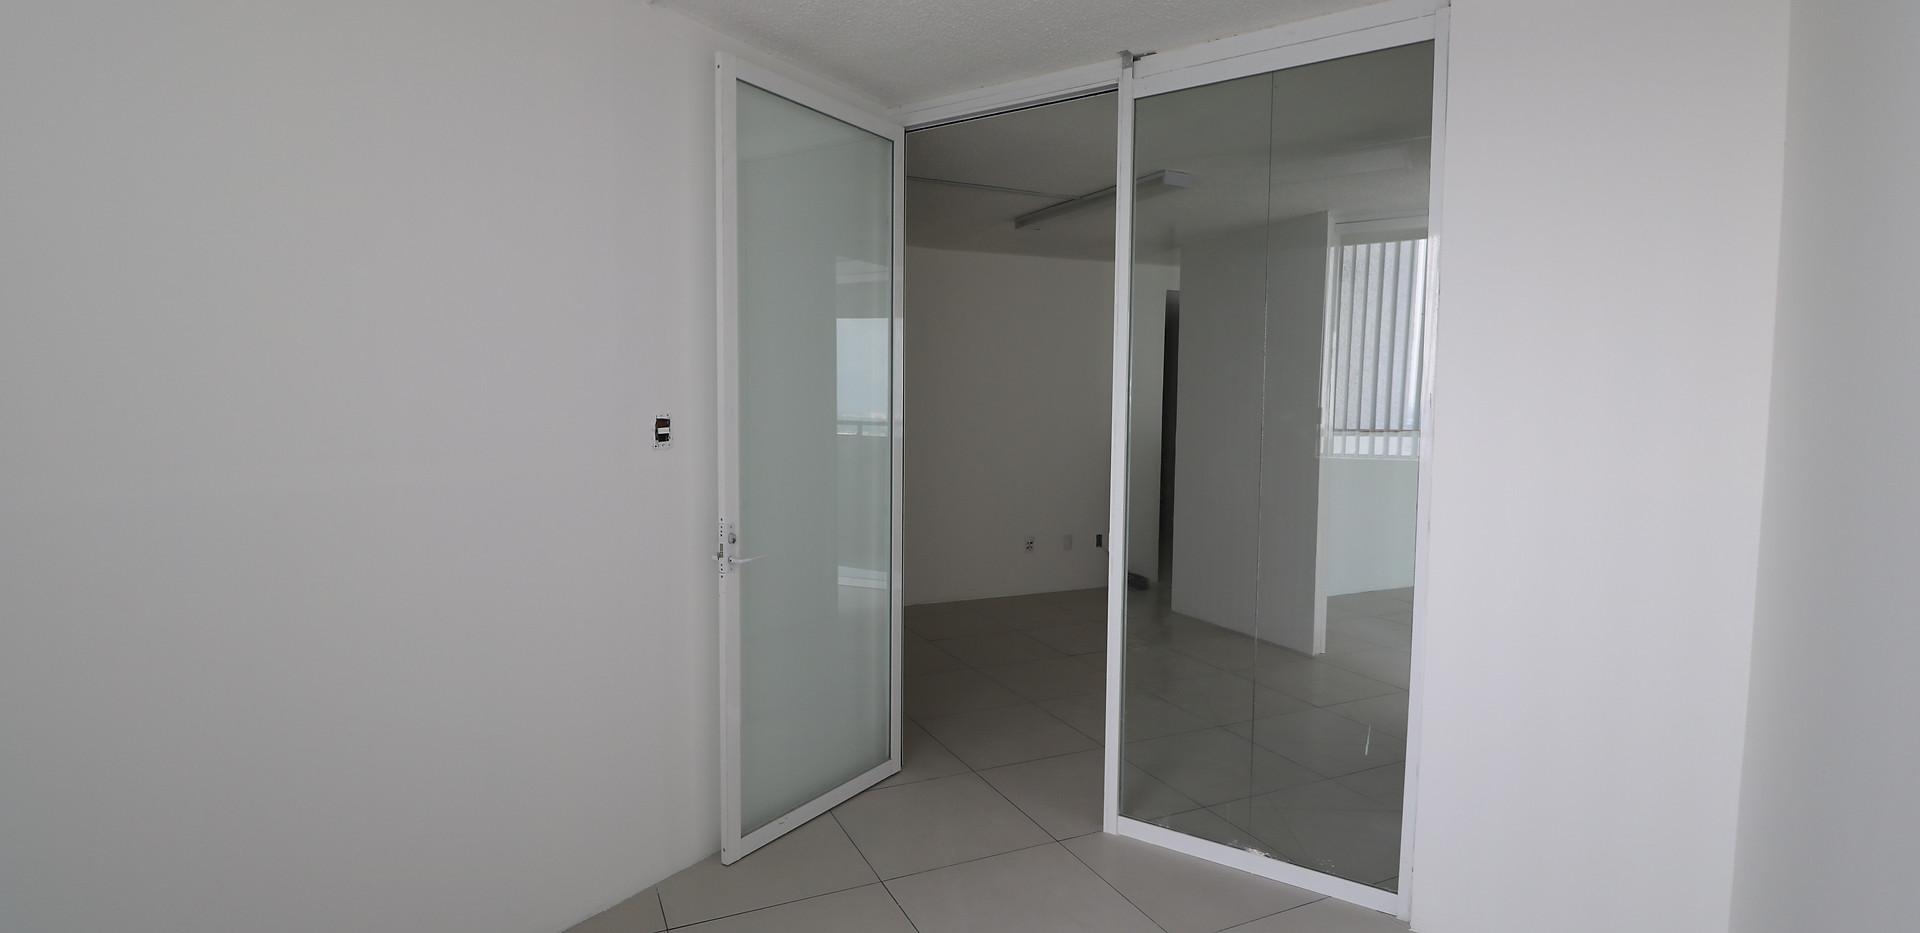 Oficina 1027-1028